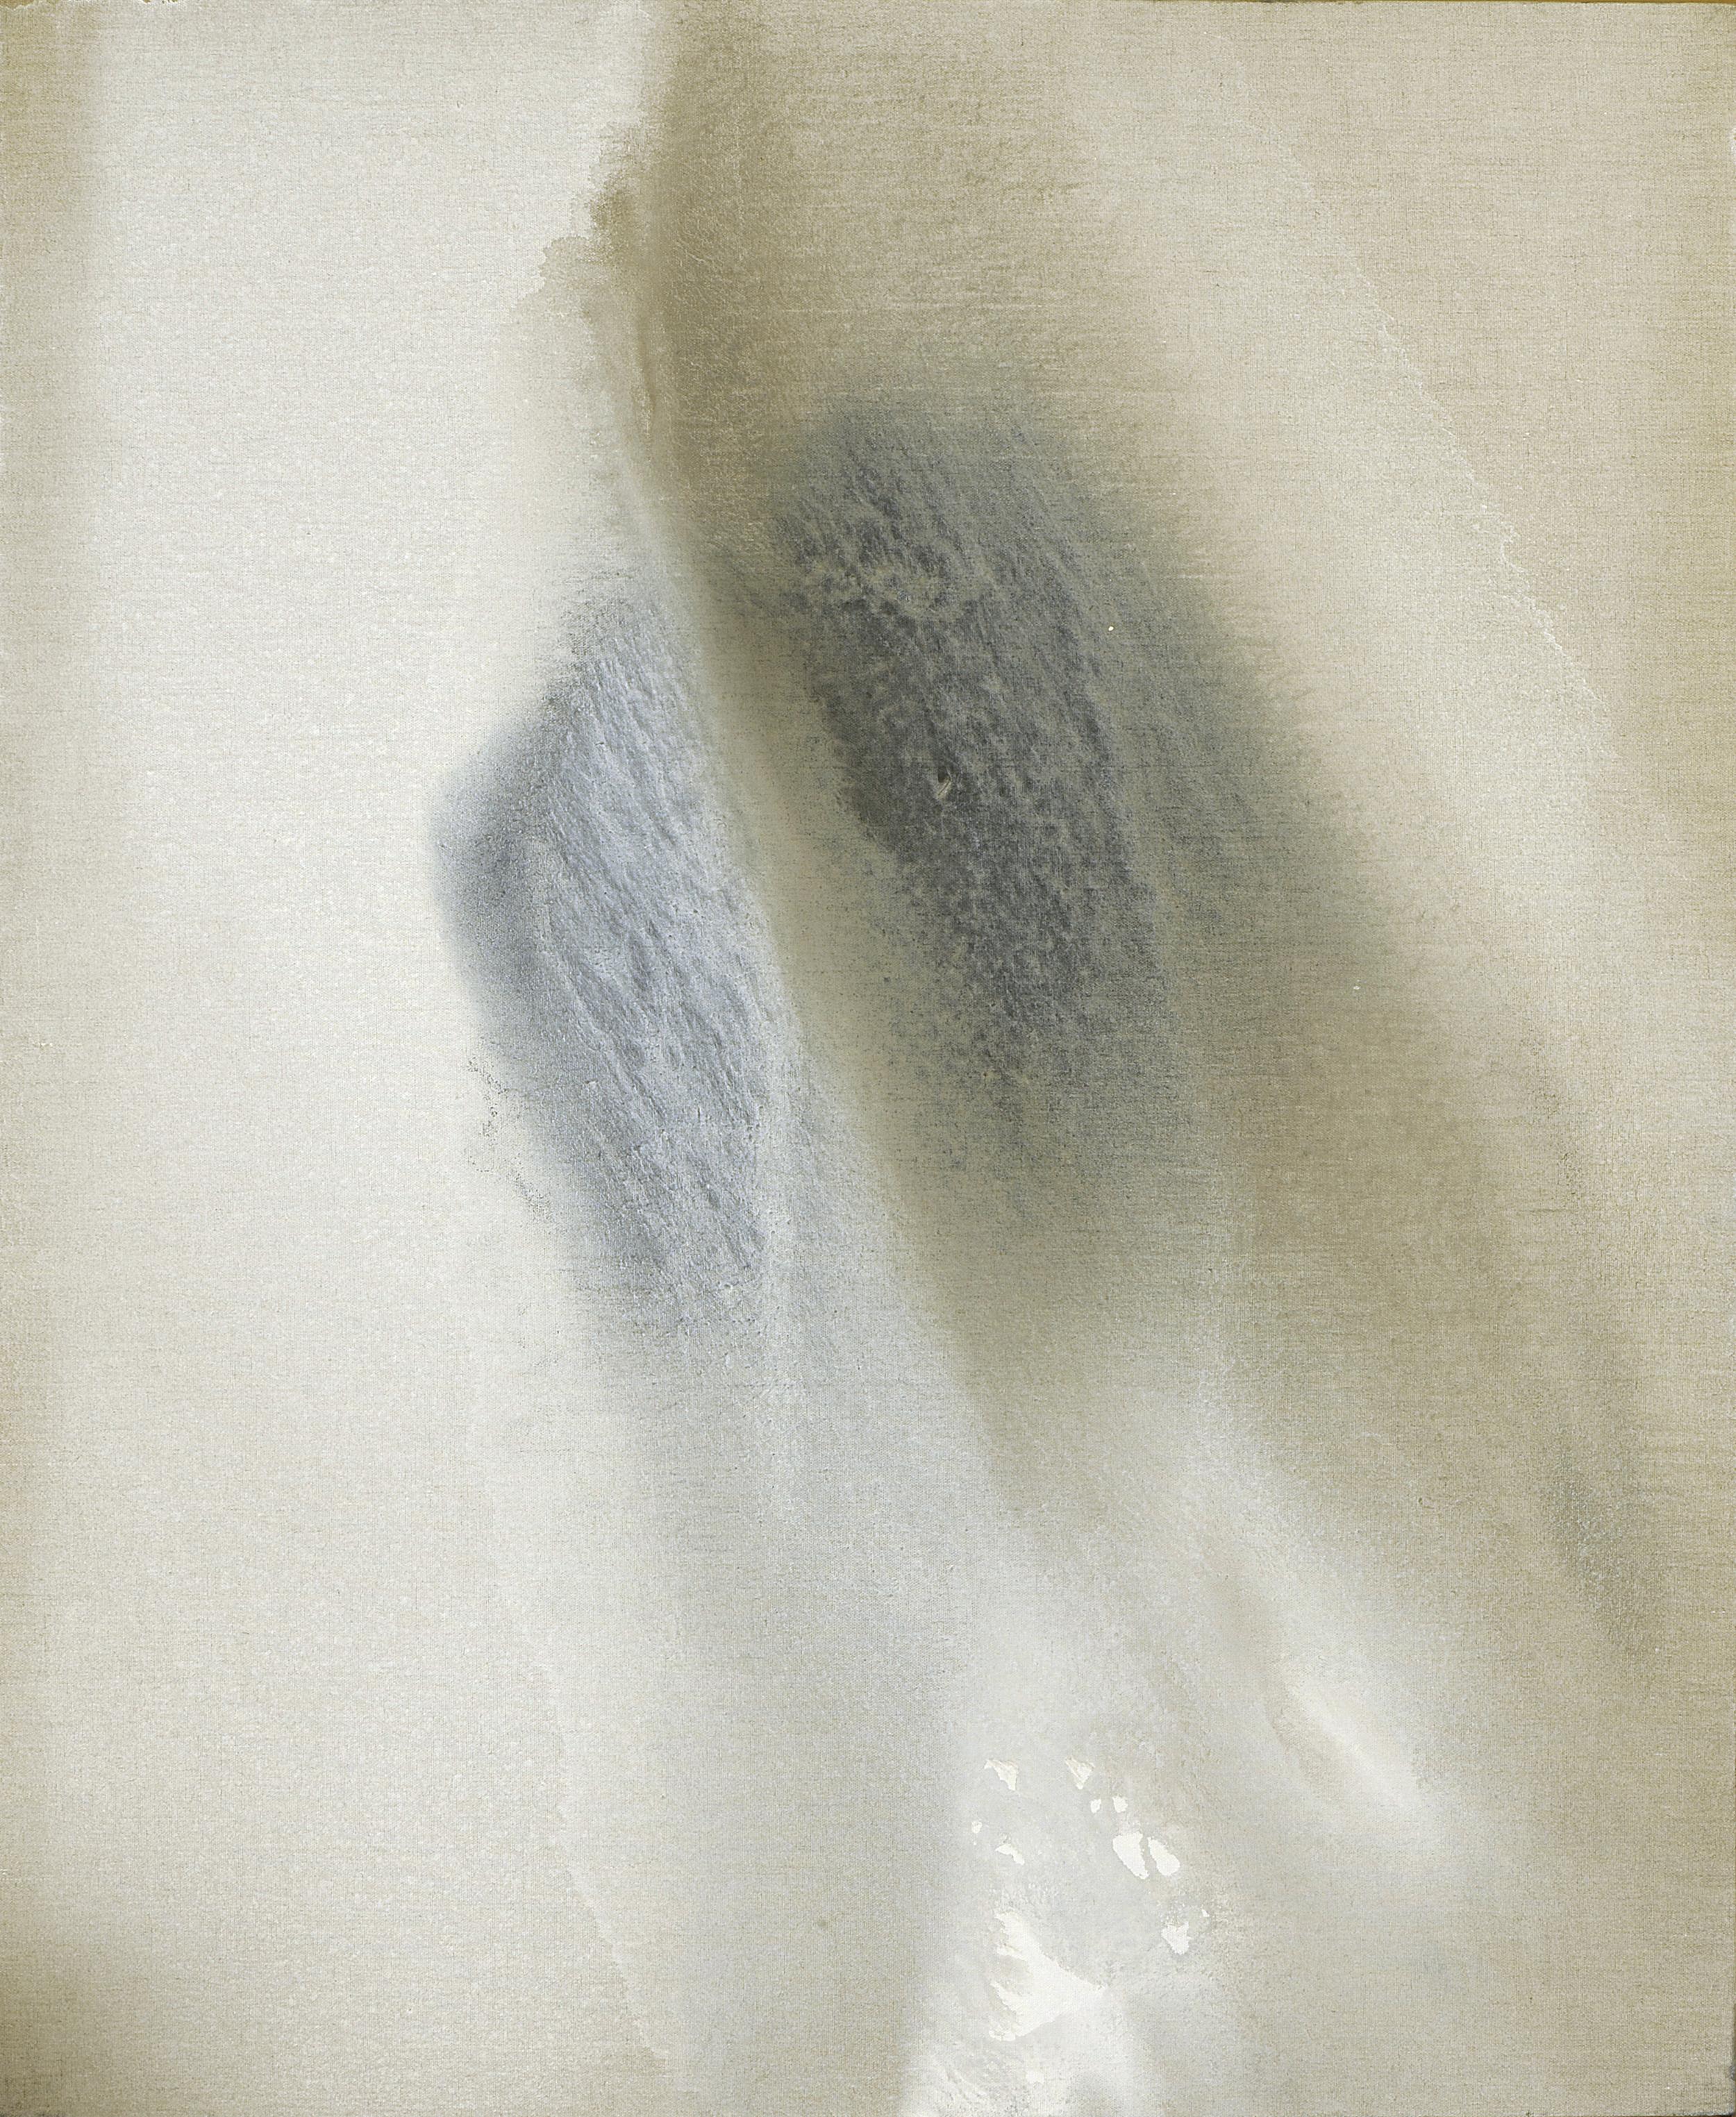 27 giugno, 2010, olio su tela, cm 110 x 90  27 giugno, 2010, oil on canvas, cm 110 x 90